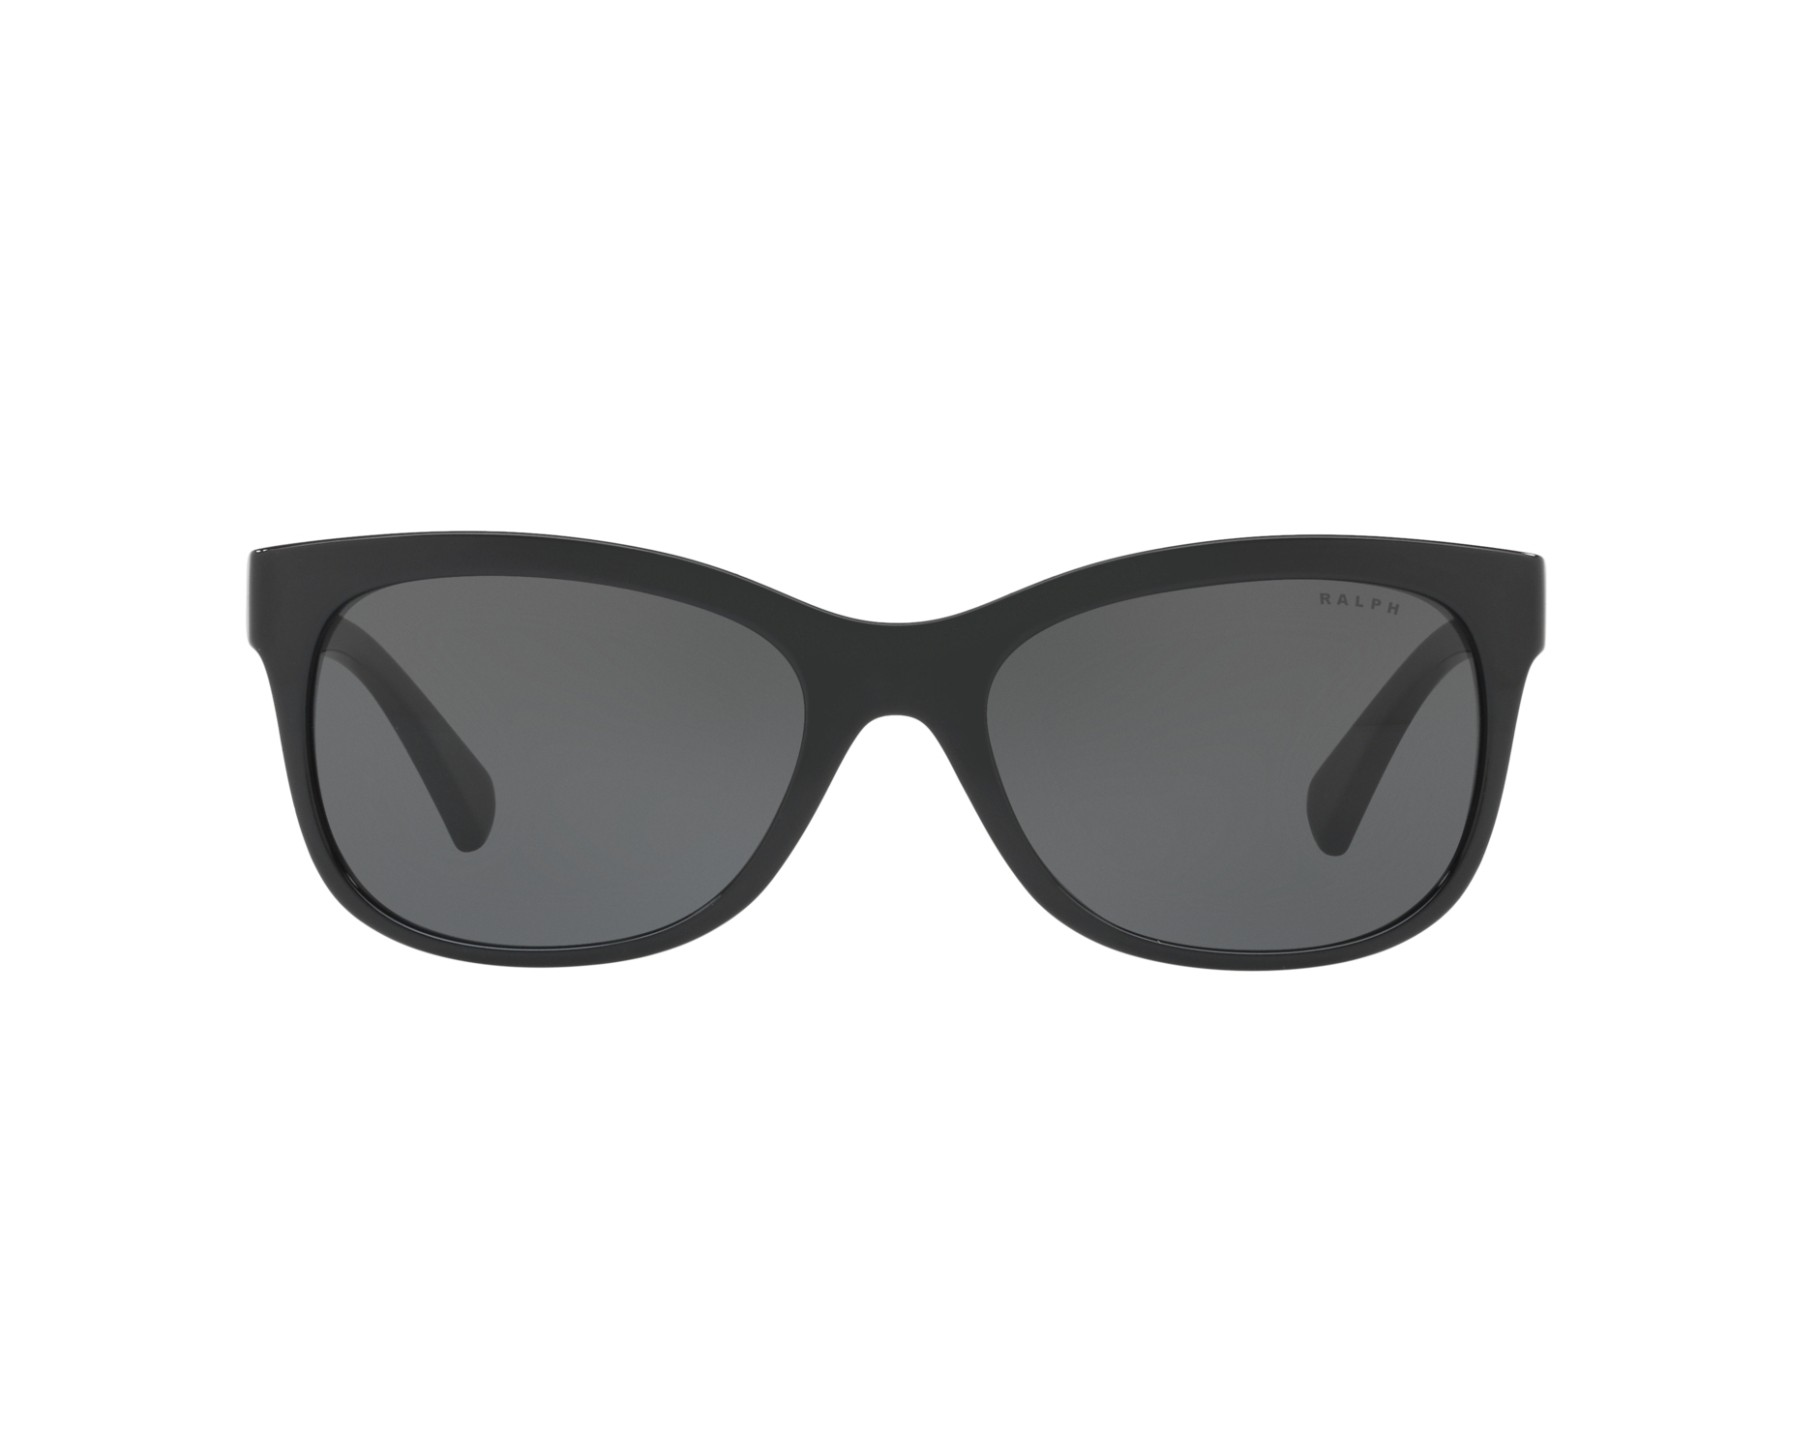 Ralph RA5233 Sonnenbrille Schwarz 137787 56mm DP4nkDm